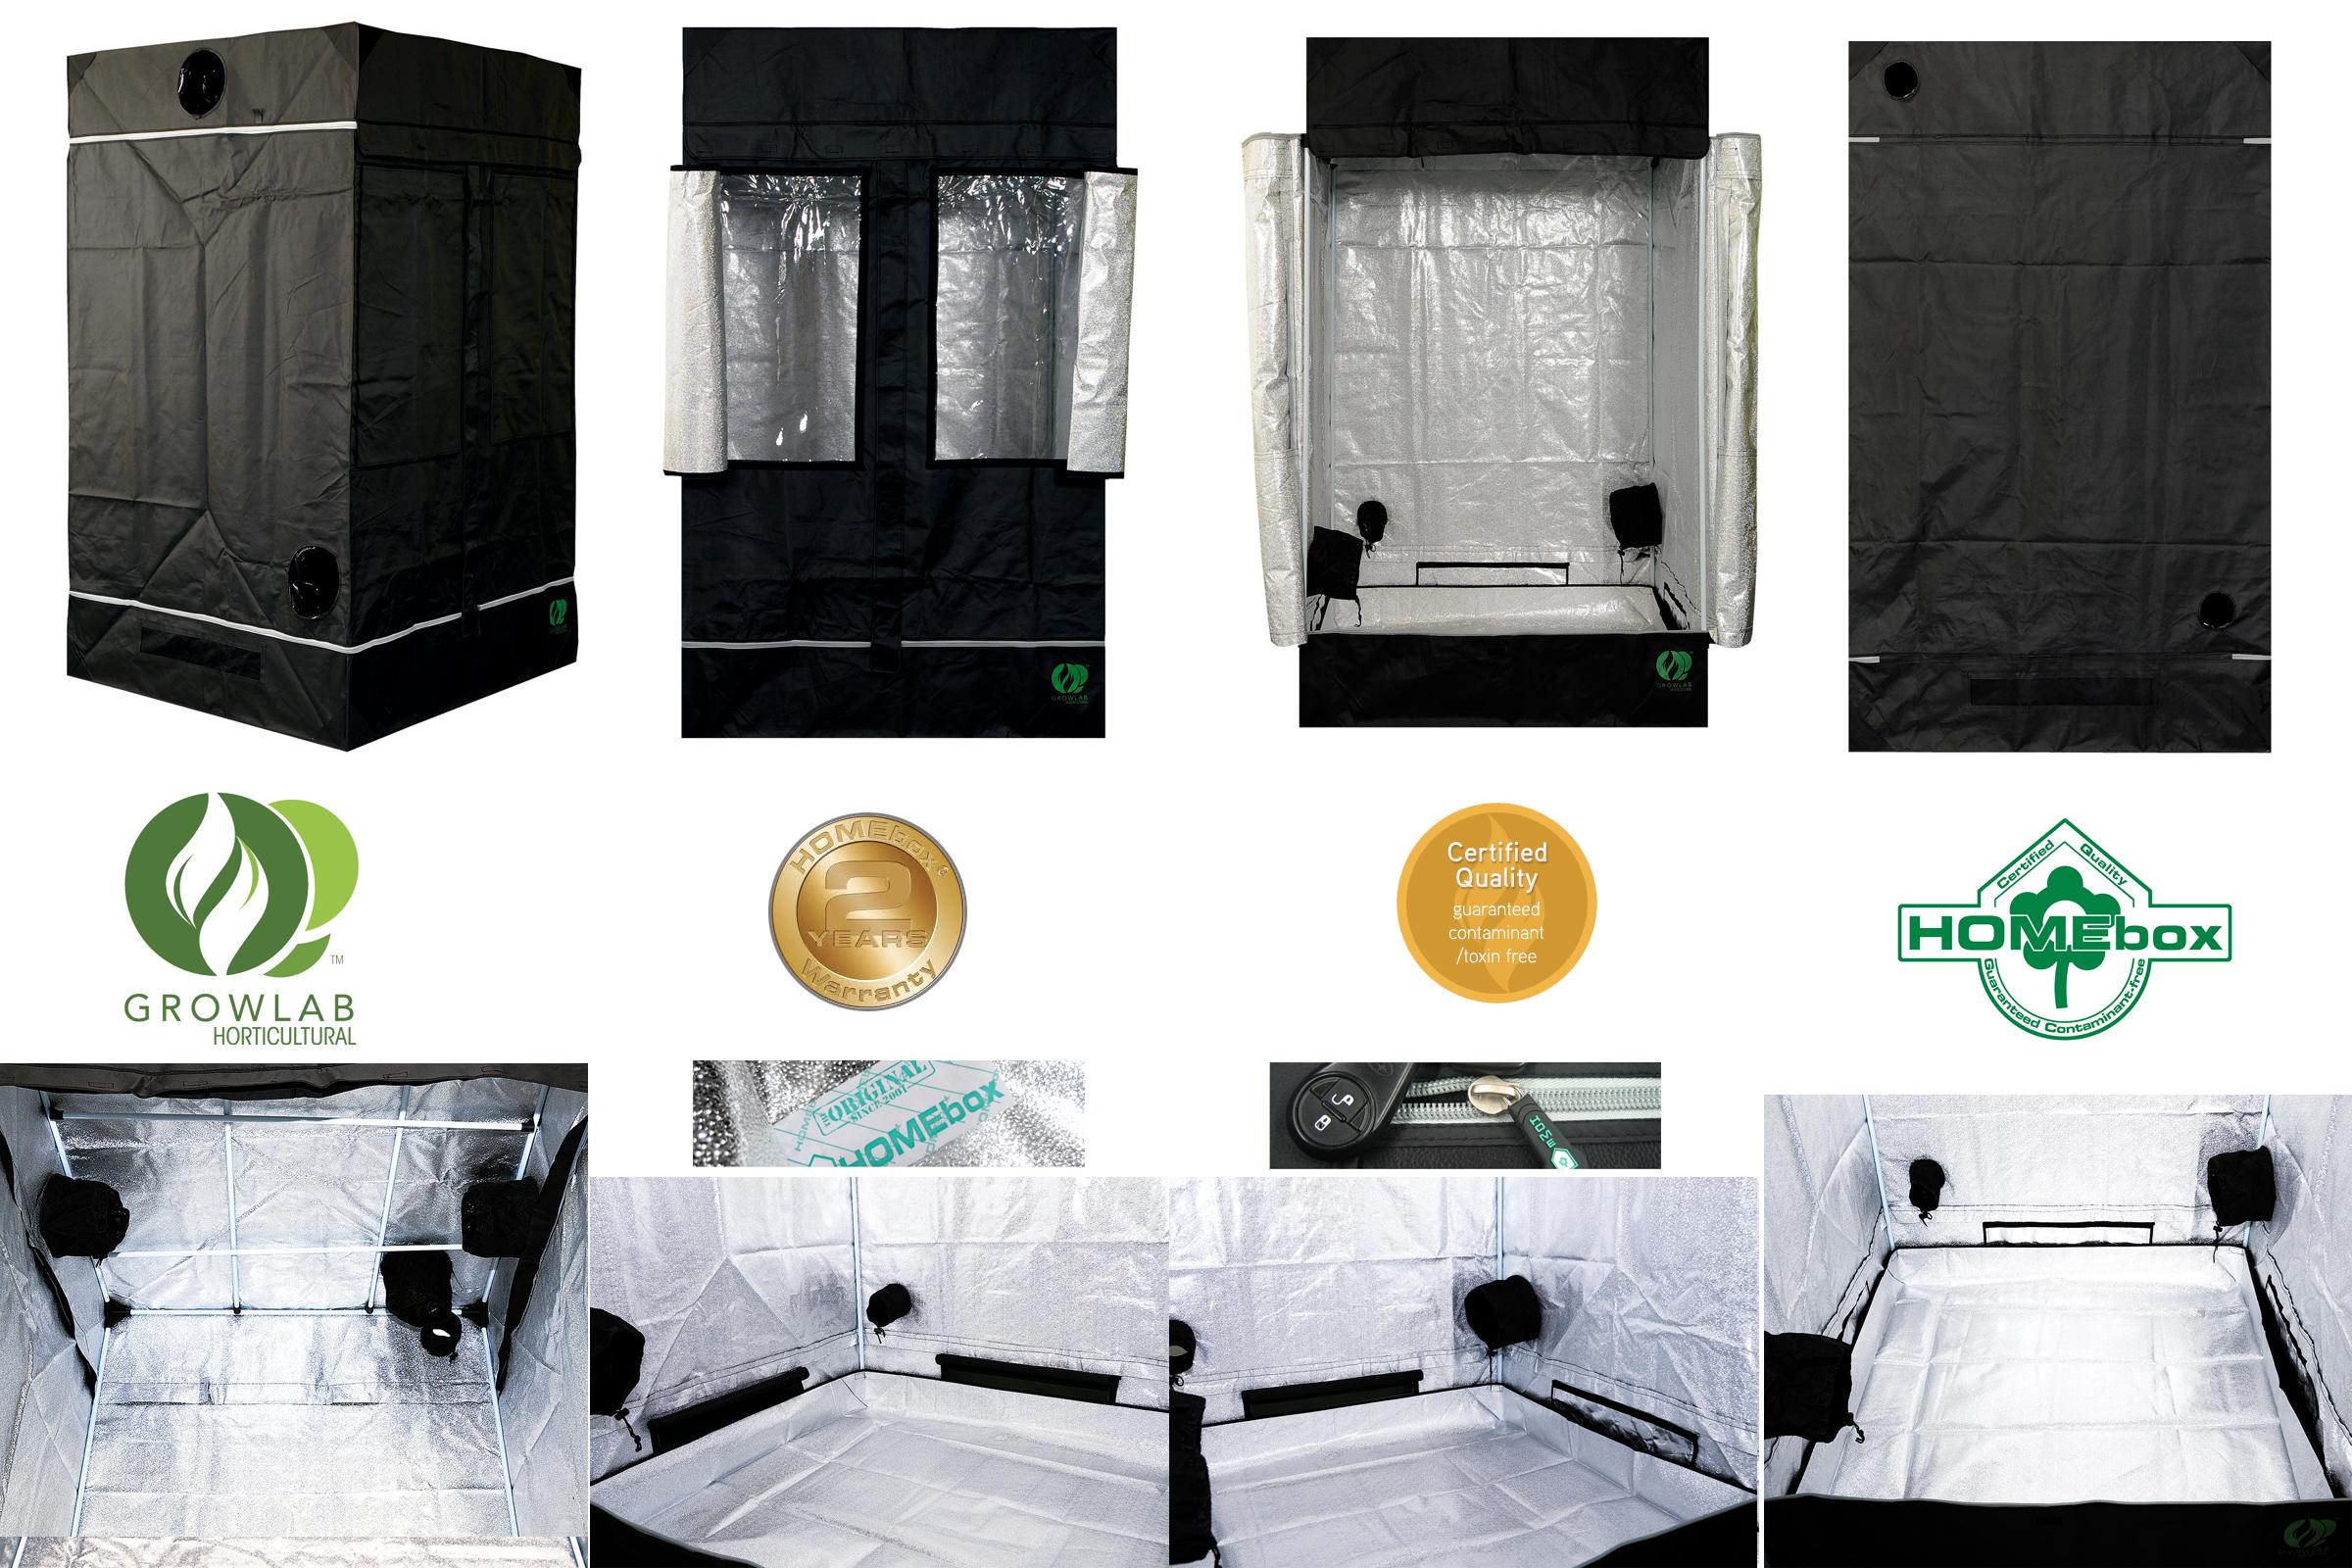 L 39 or vert tente growlab homebox chambre de culture - Chambre de culture 120x120x180 ...